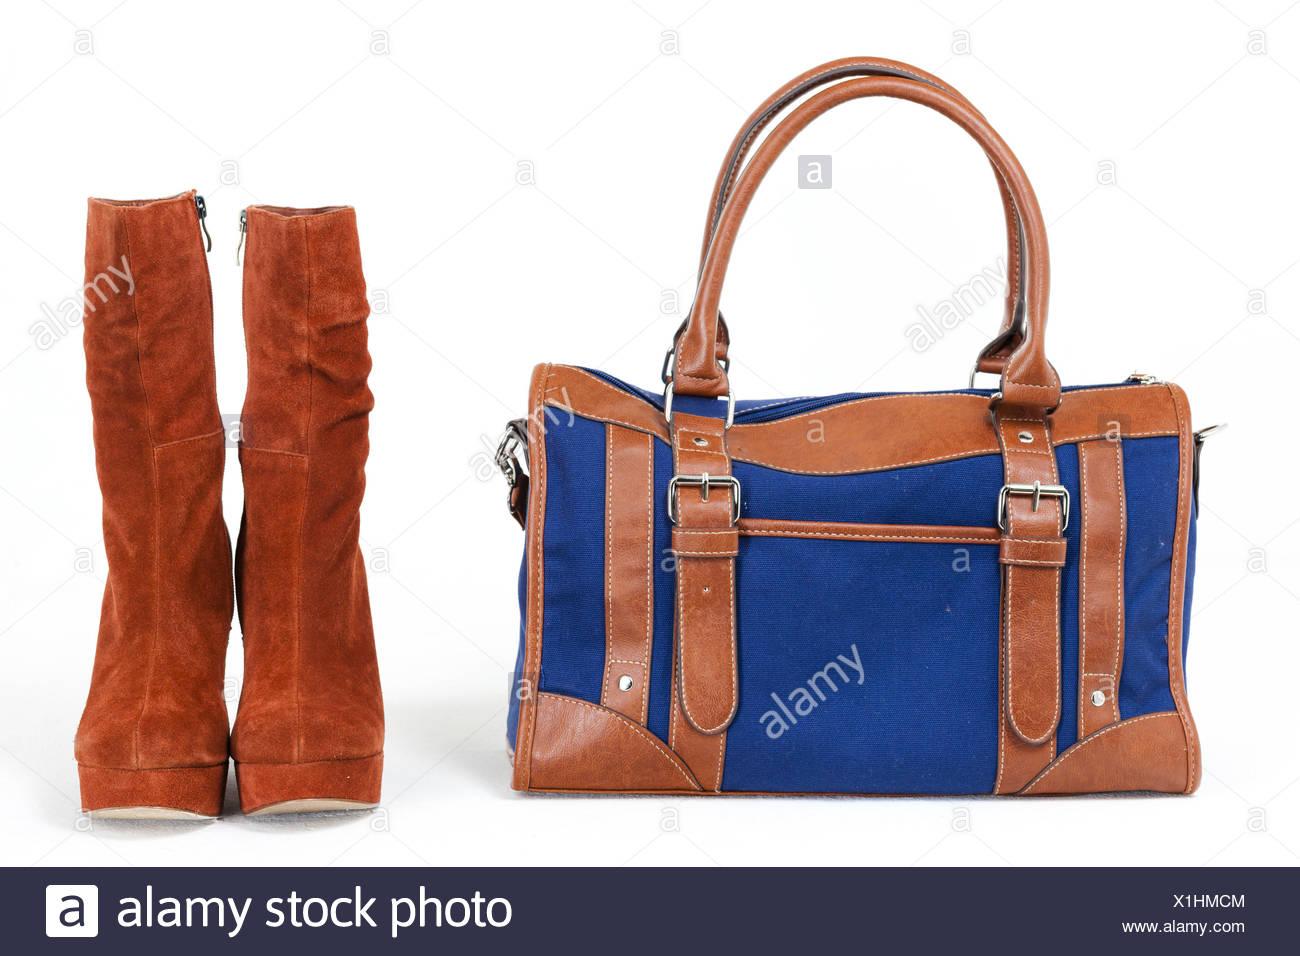 d0eec2e727 Modische Plattform braune Schuhe mit einer Jeans Handtasche ...